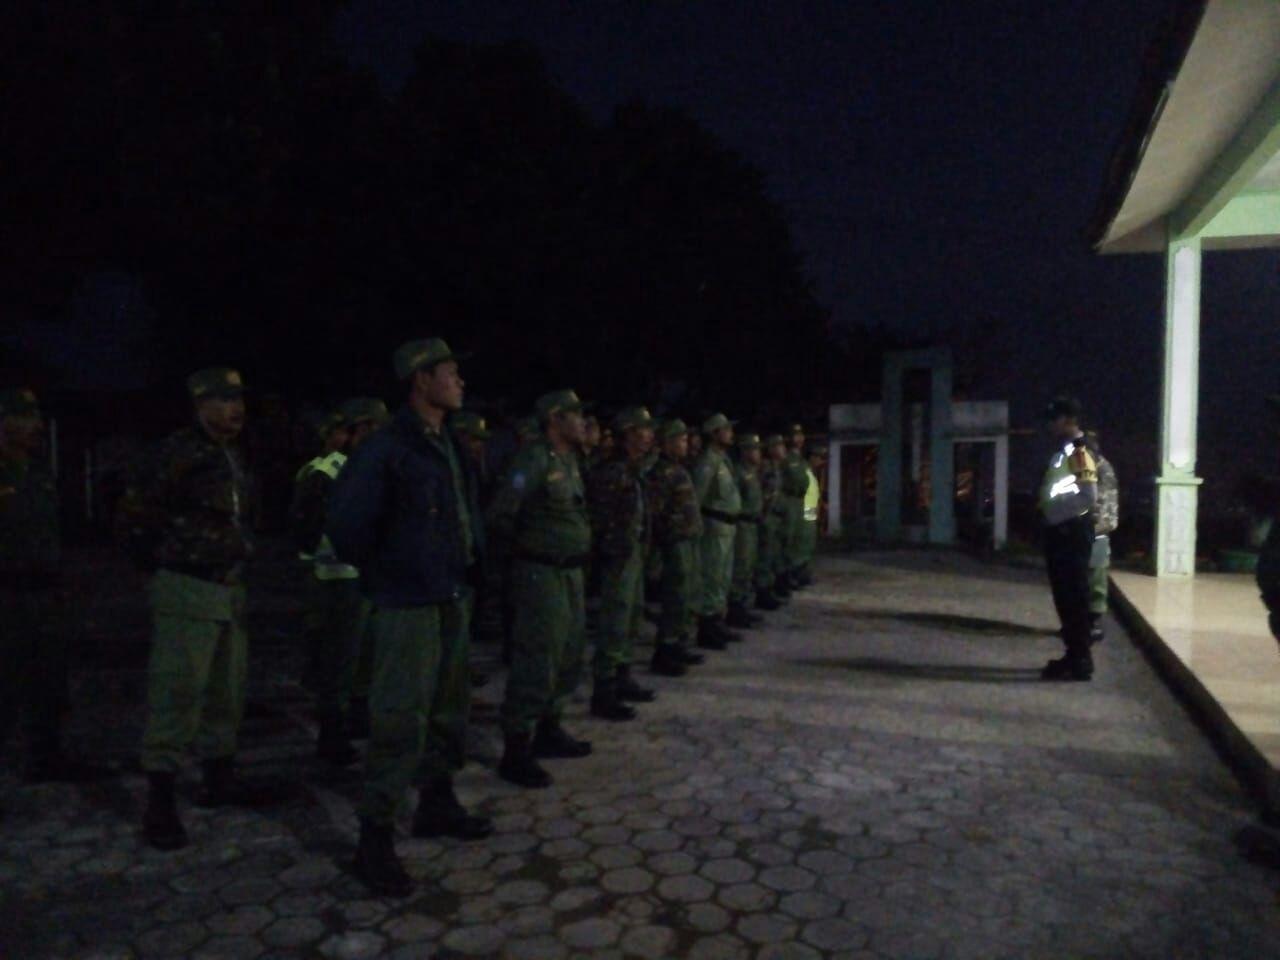 Padal Desa Tlekung Memberikan Arahan Kepada Para Petugas TPS Baik Linmas Serta Polri